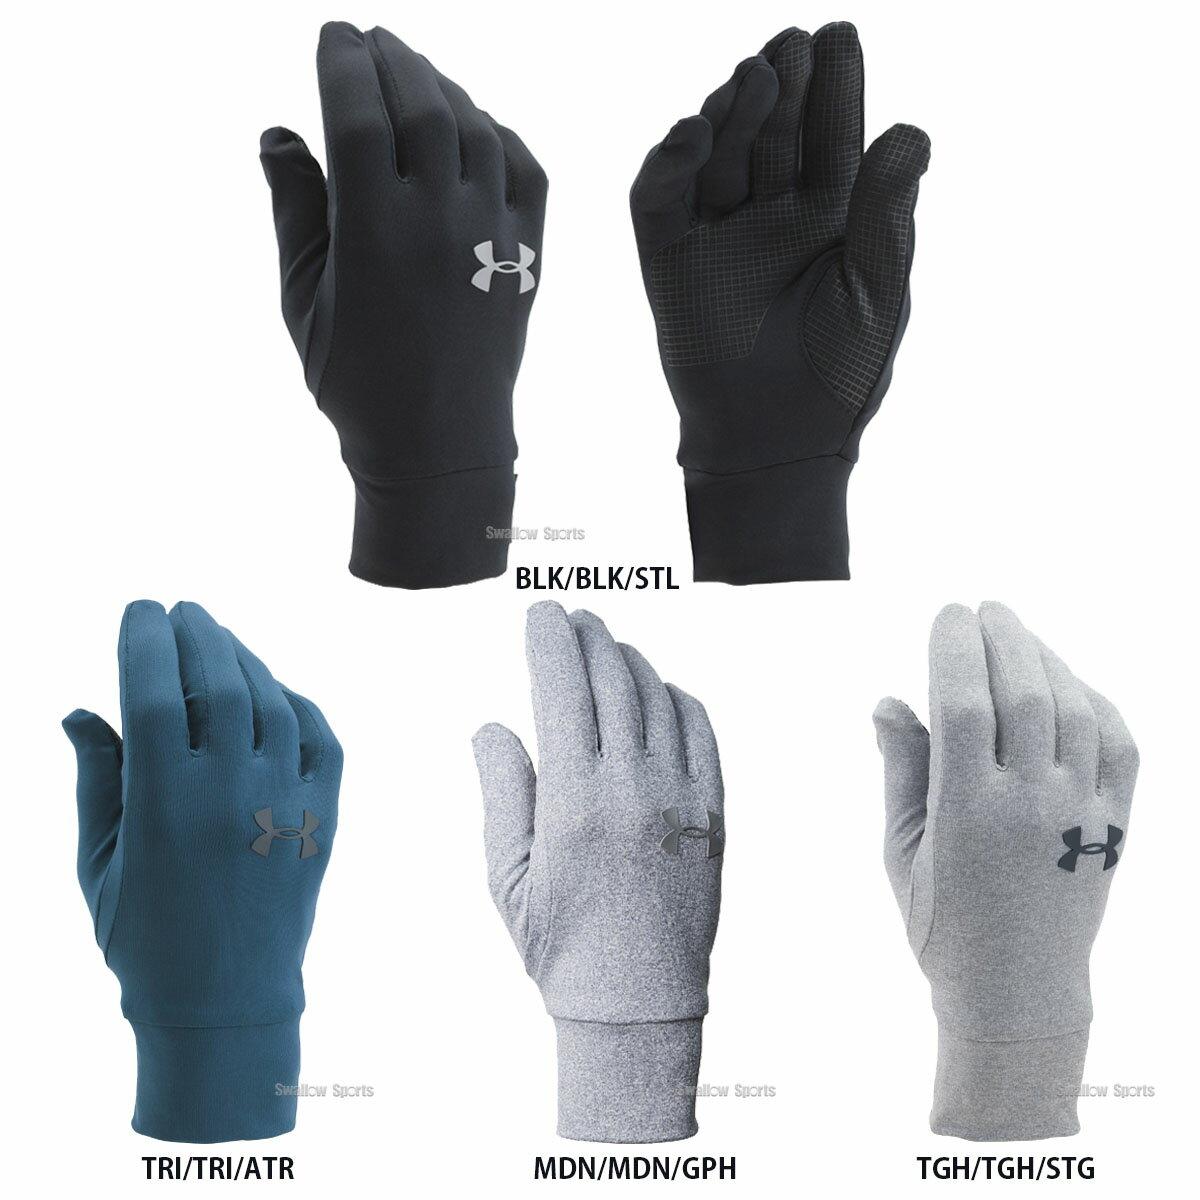 【あす楽対応】 アンダーアーマー UA 手袋 コールドギア アーマーライナー グローブ 防寒用 1282763